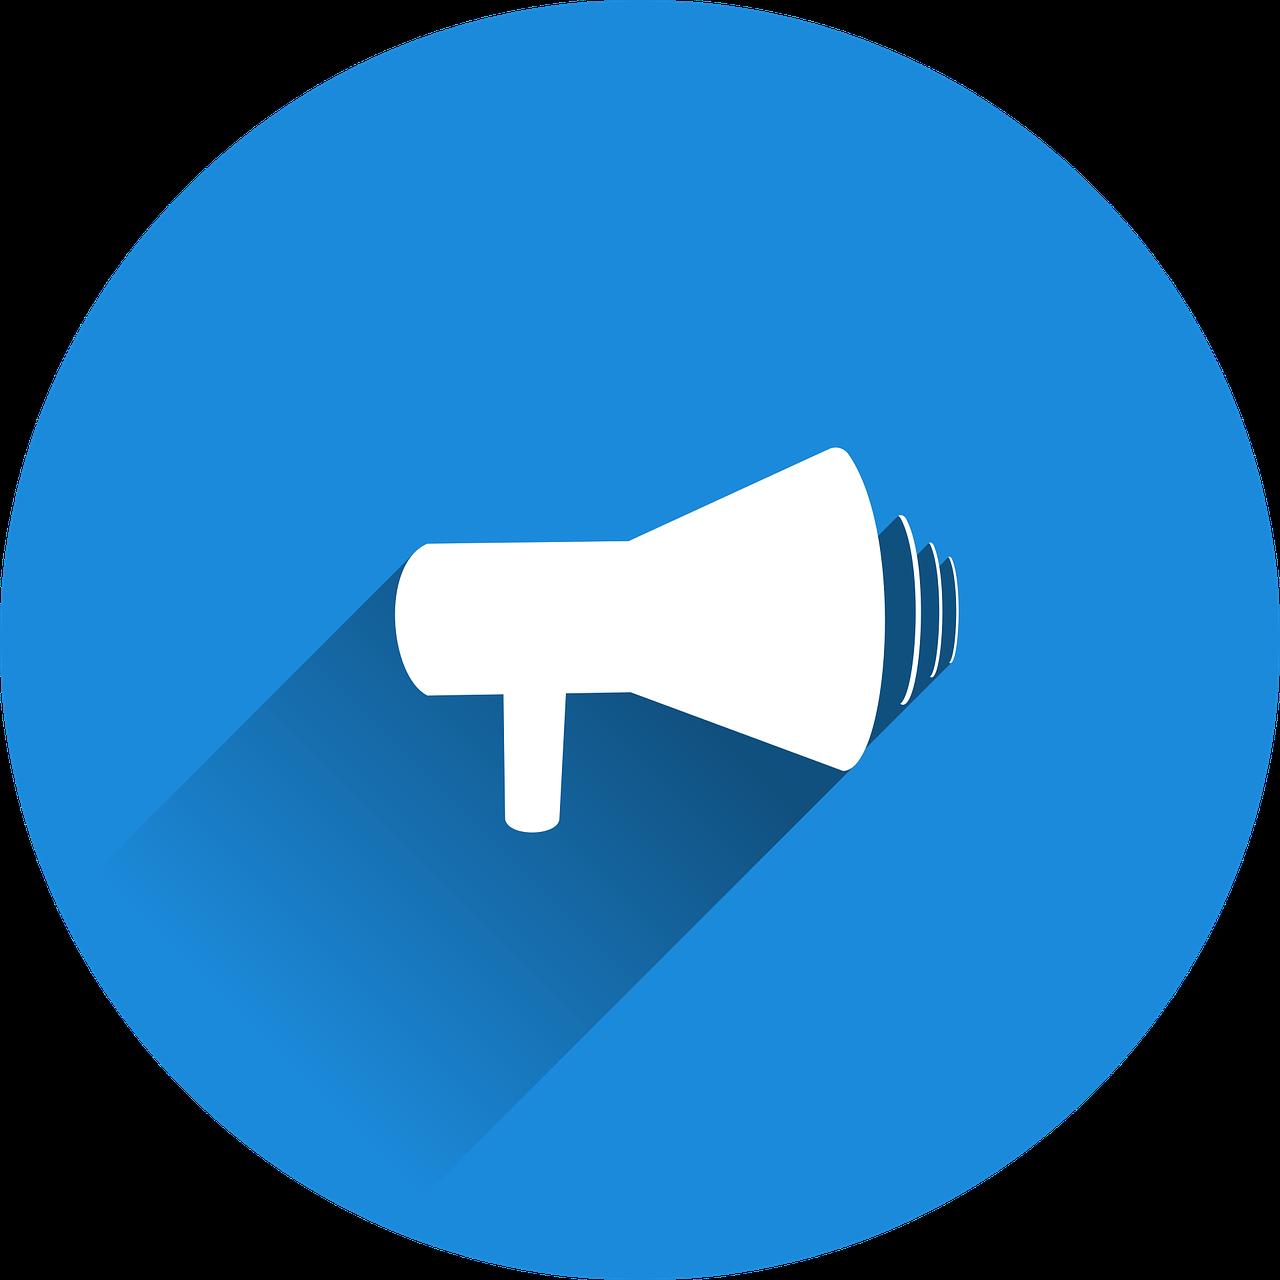 AVVISO IMPORTANTE - Sciopero generale dal 15 al 20 ottobre 2021 e punto della situazione sui servizi scolastici